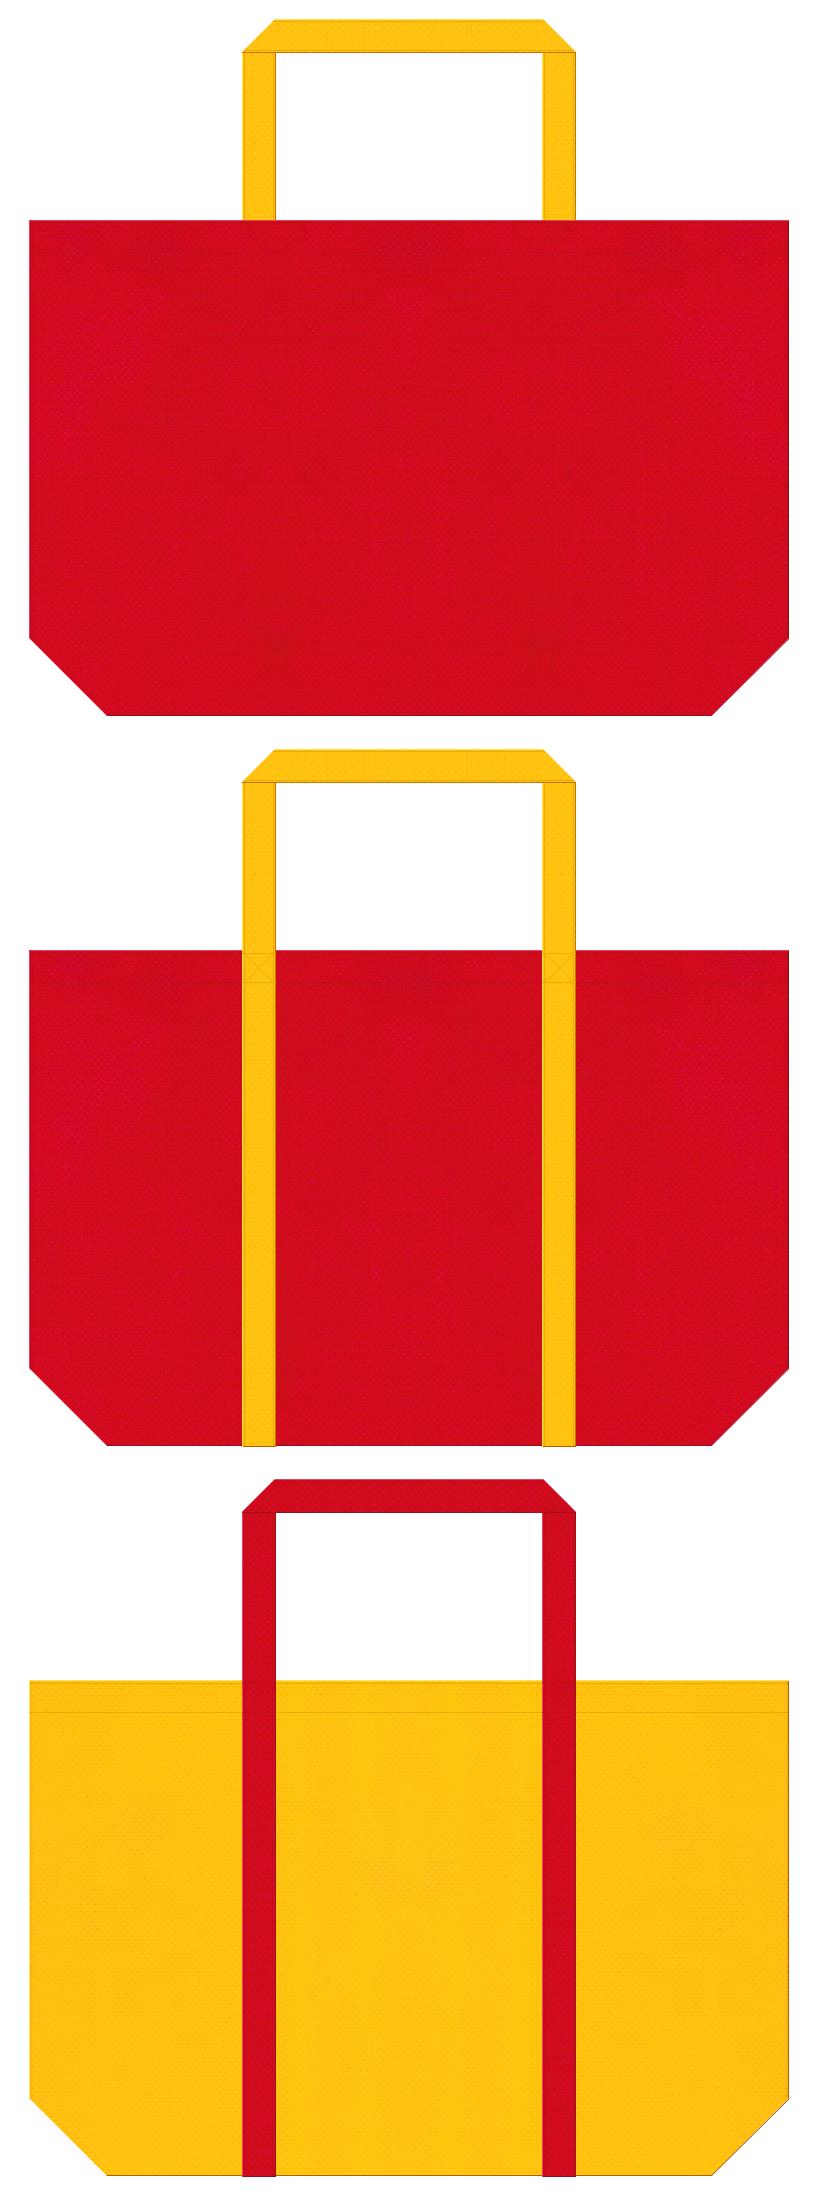 アフリカ・カーニバル・サンバ・ピエロ・サーカス・ゲーム・パズル・おもちゃ・アミューズメント・テーマパーク・キッズイベント・琉球舞踊・沖縄観光・沖縄土産のショッピングバッグにお奨めの不織布バッグデザイン:紅色と黄色のコーデ